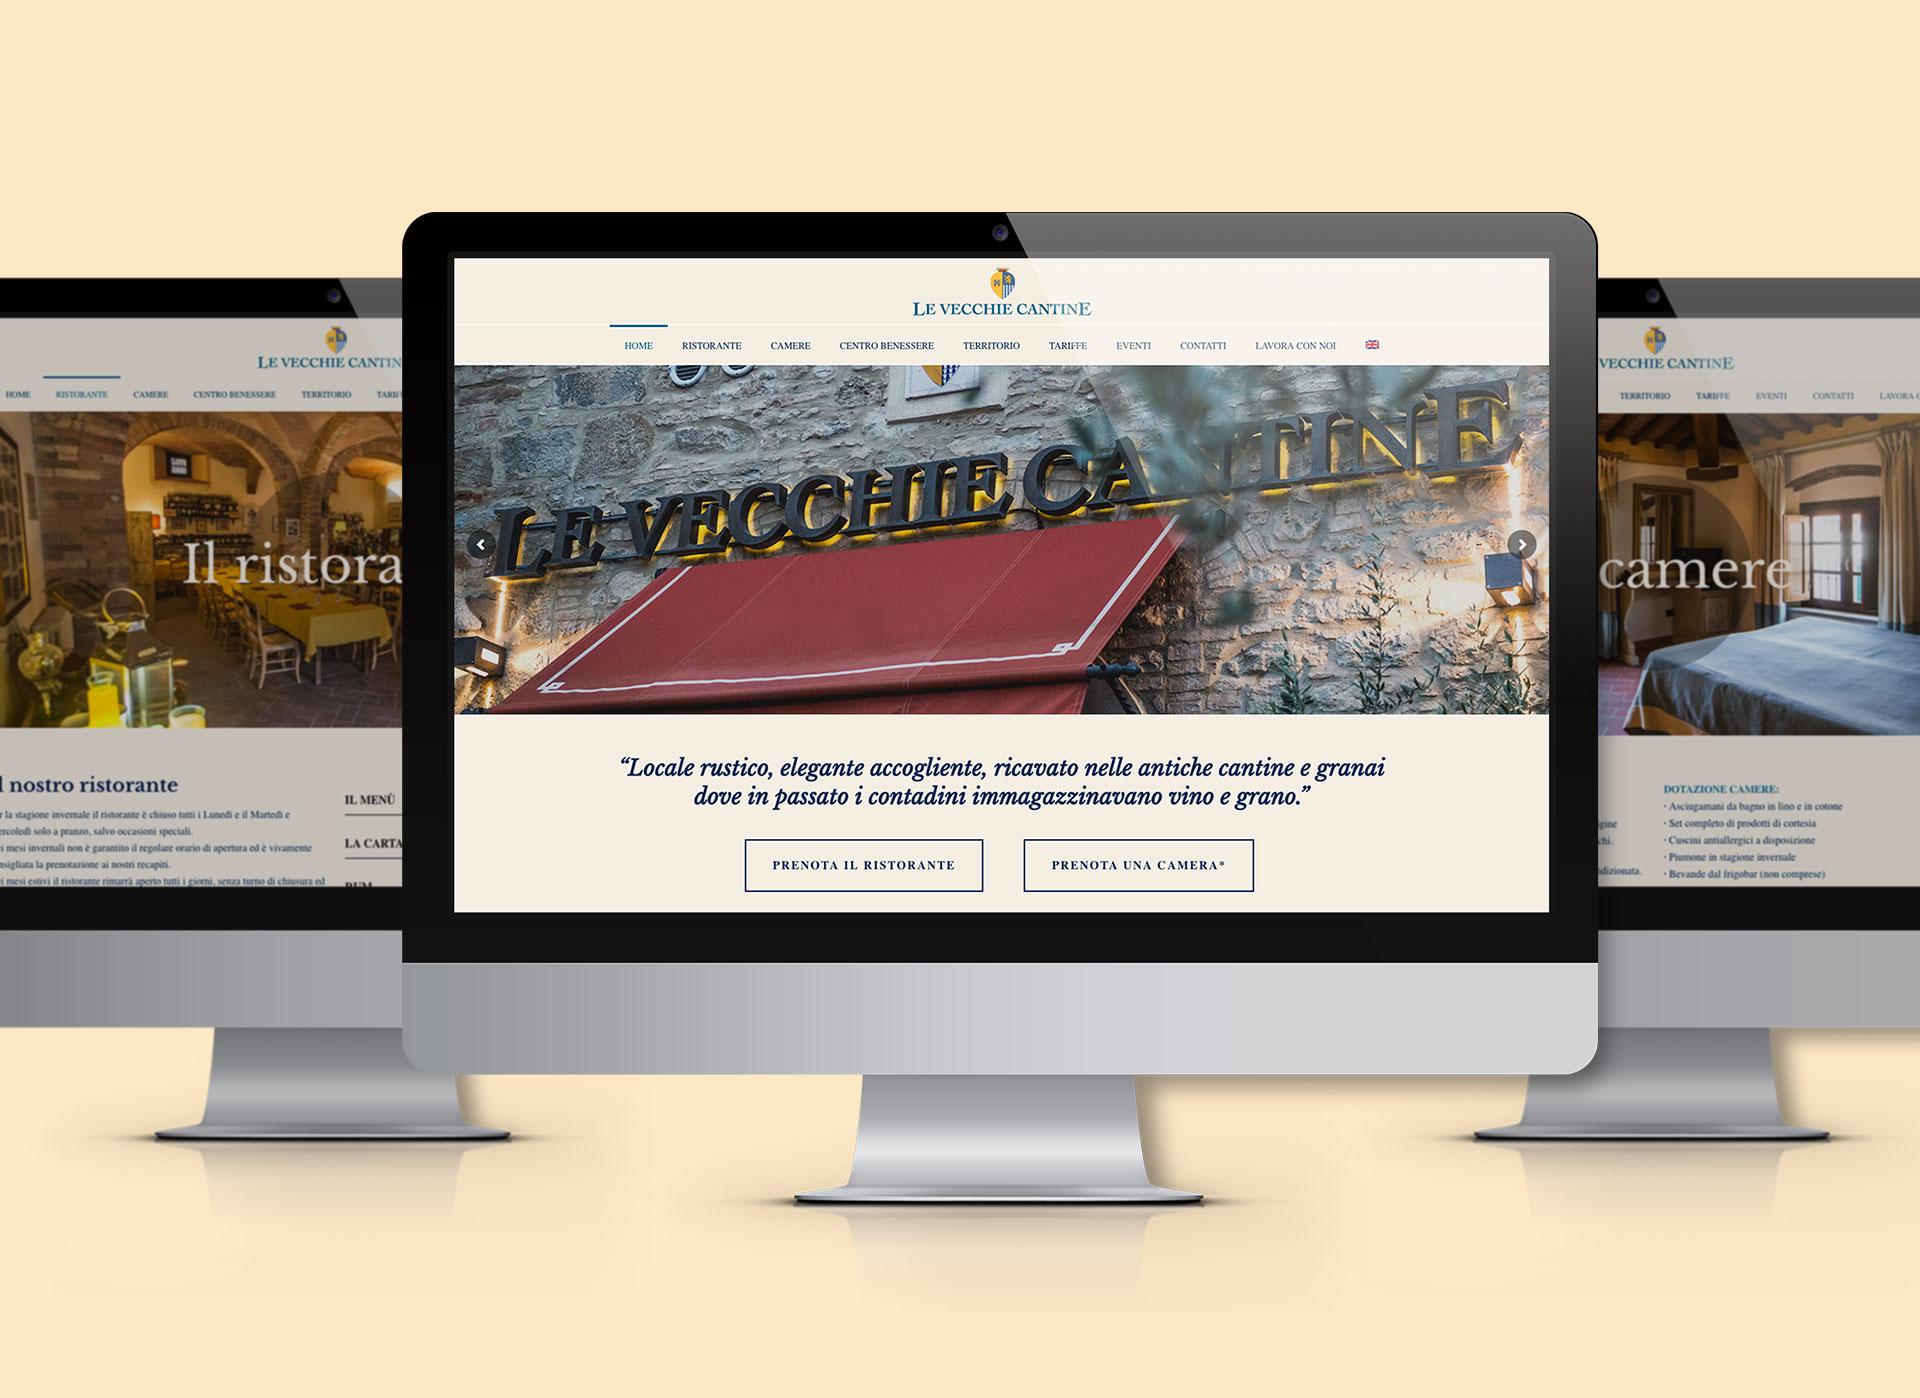 le-vecchie-cantine-website